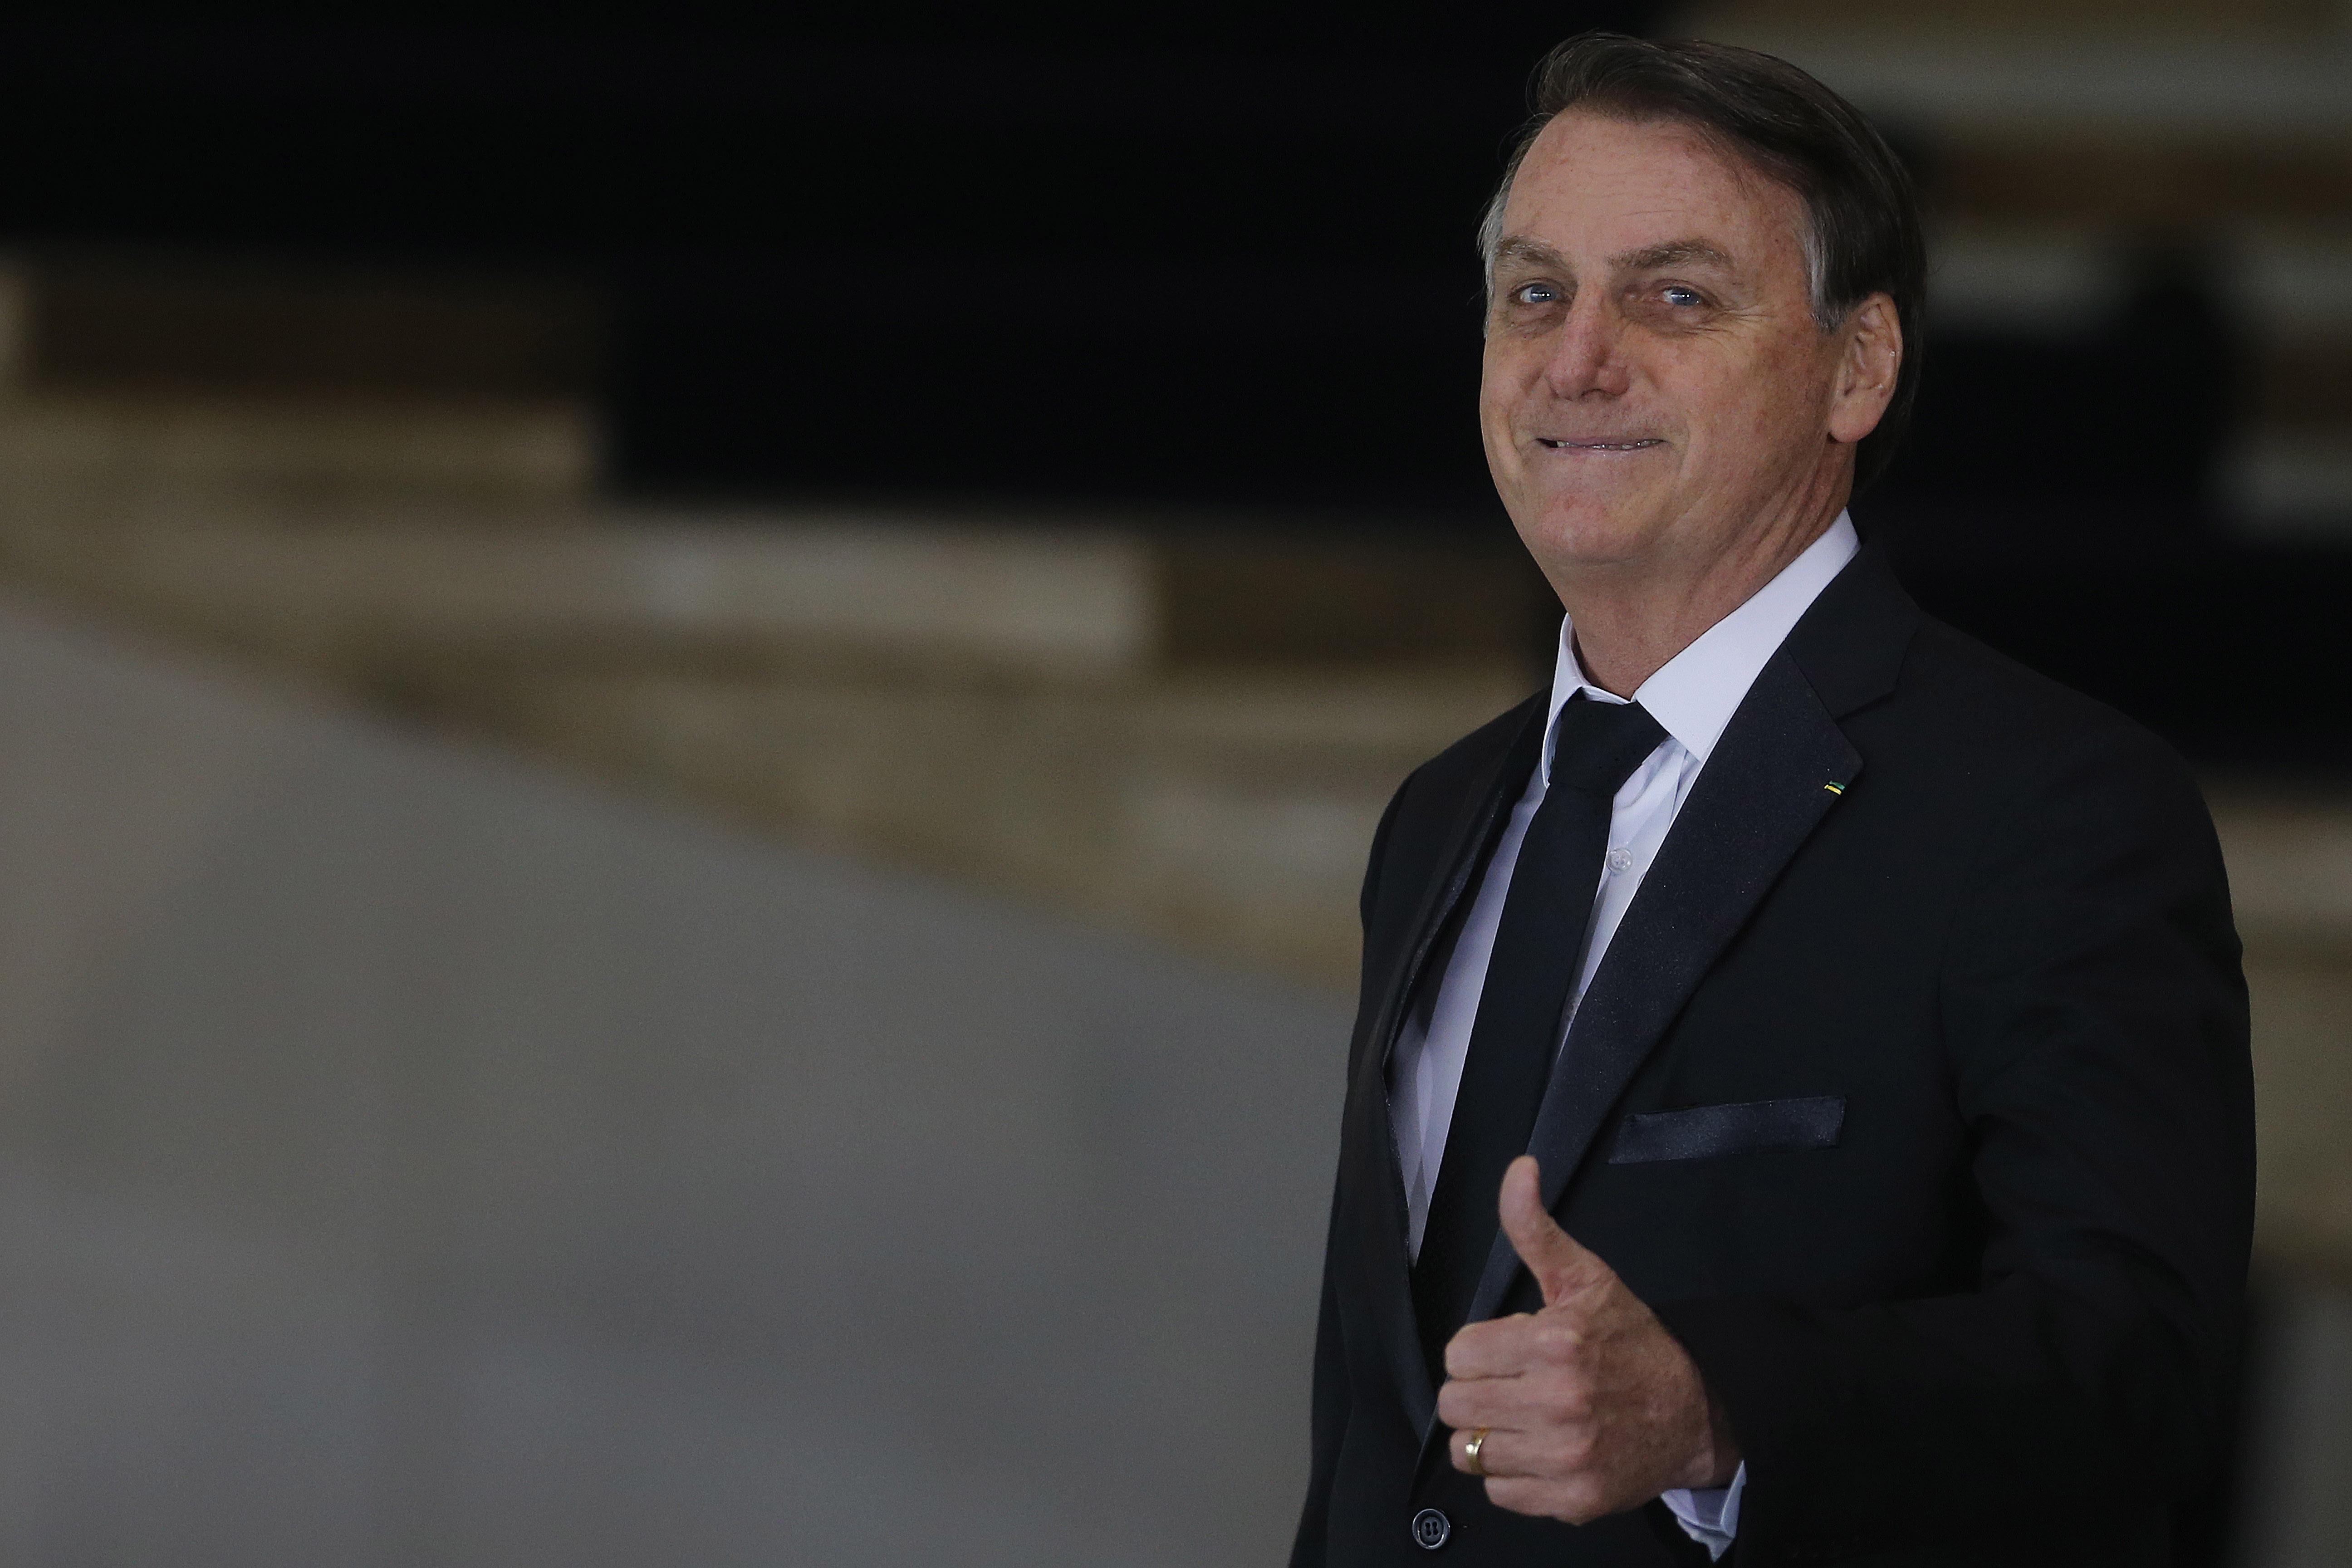 IMAGEM: Aprovação ao governo Bolsonaro sobe